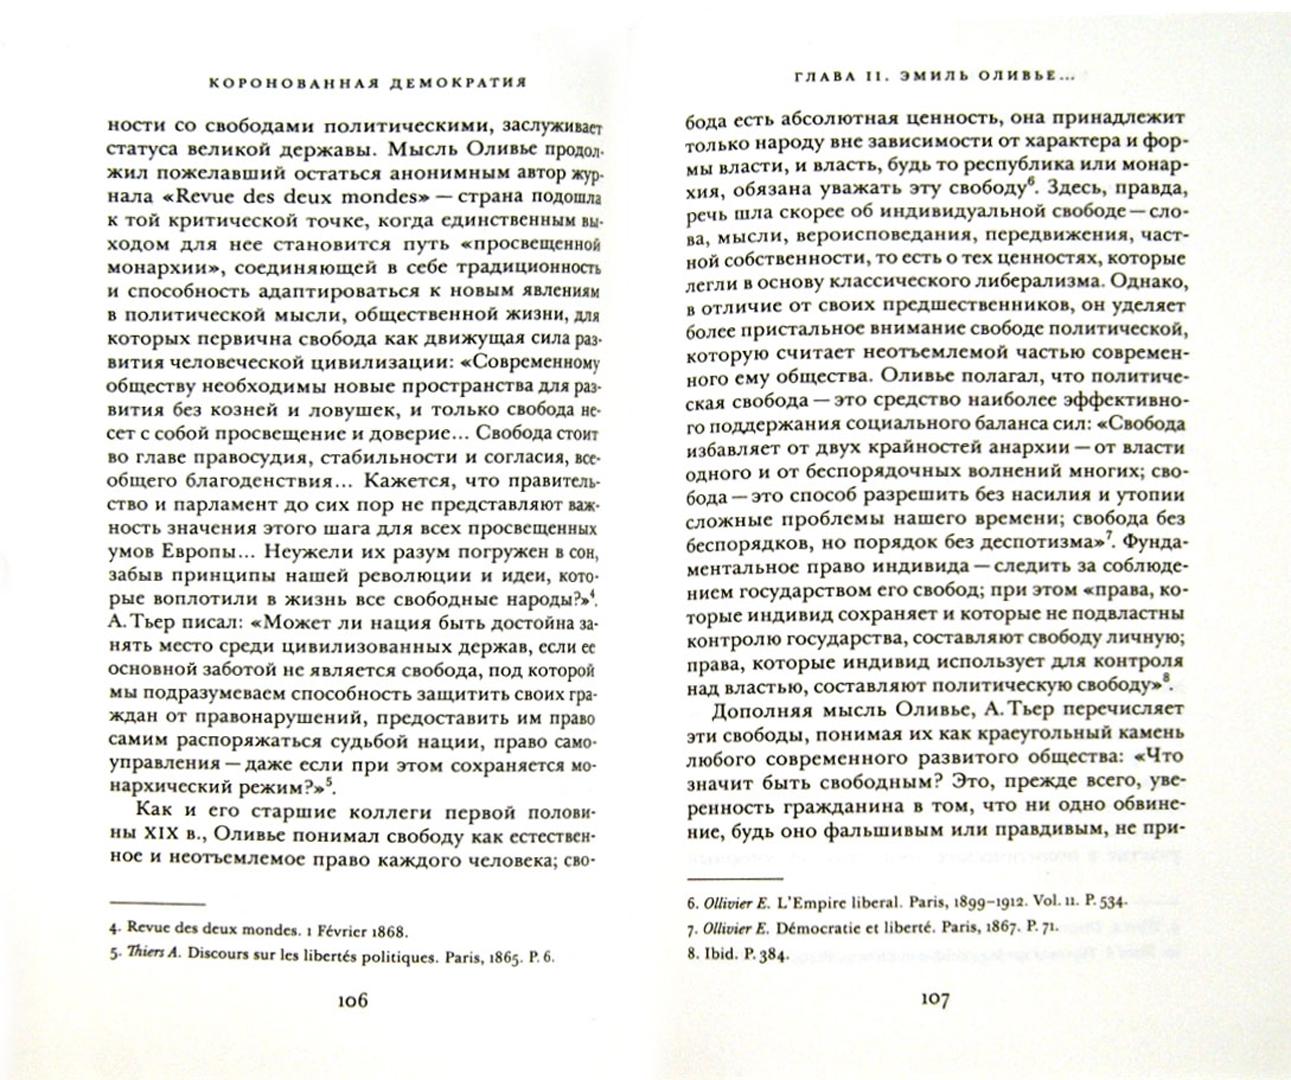 Иллюстрация 1 из 6 для Коронованная демократия. Франция и реформы Наполеона III в 1860-е годы - Мария Уварова   Лабиринт - книги. Источник: Лабиринт